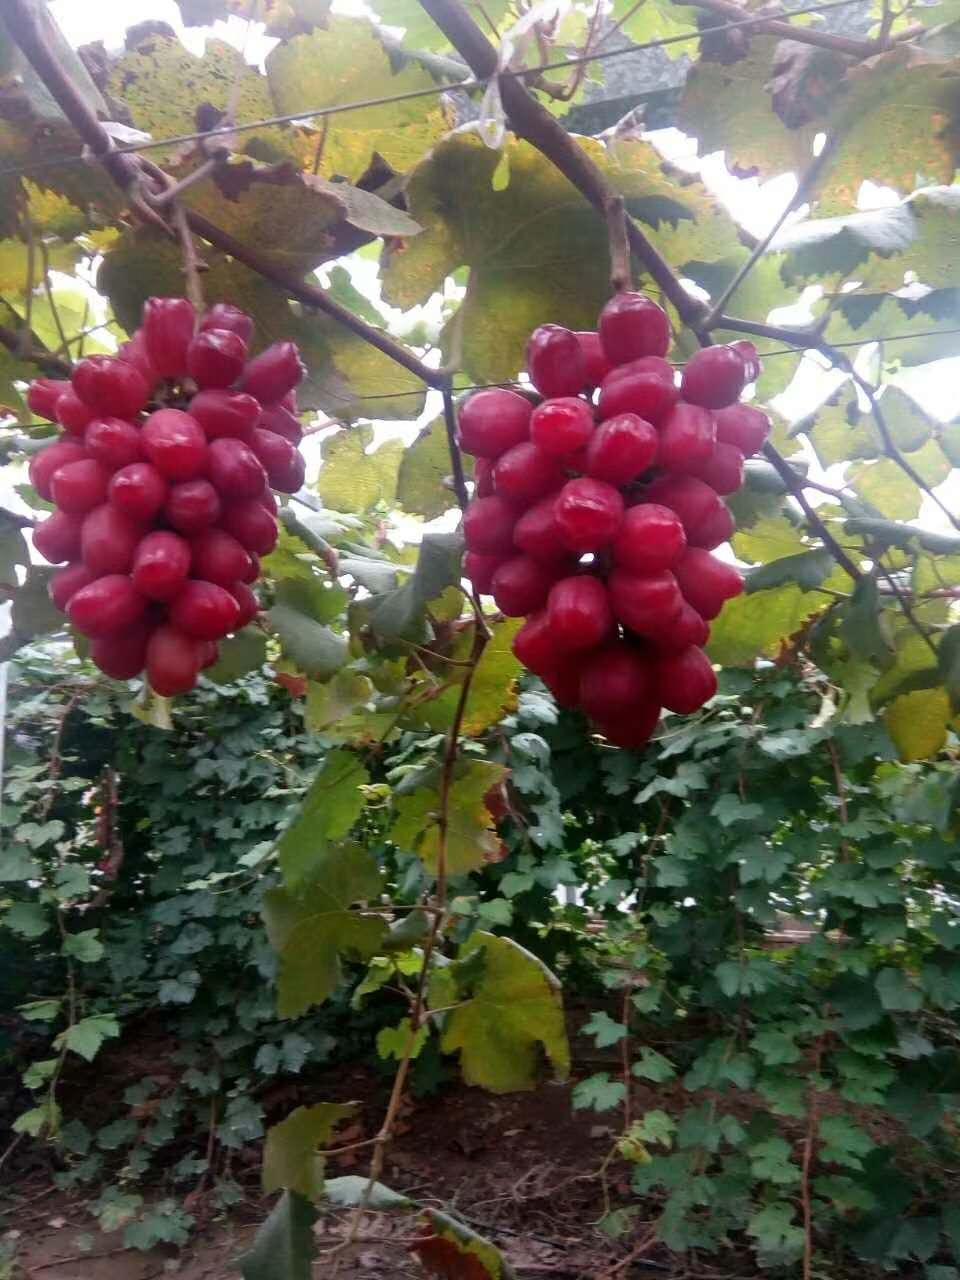 新疆浪漫红颜葡萄苗-供应河北口碑好的浪漫红颜葡萄苗